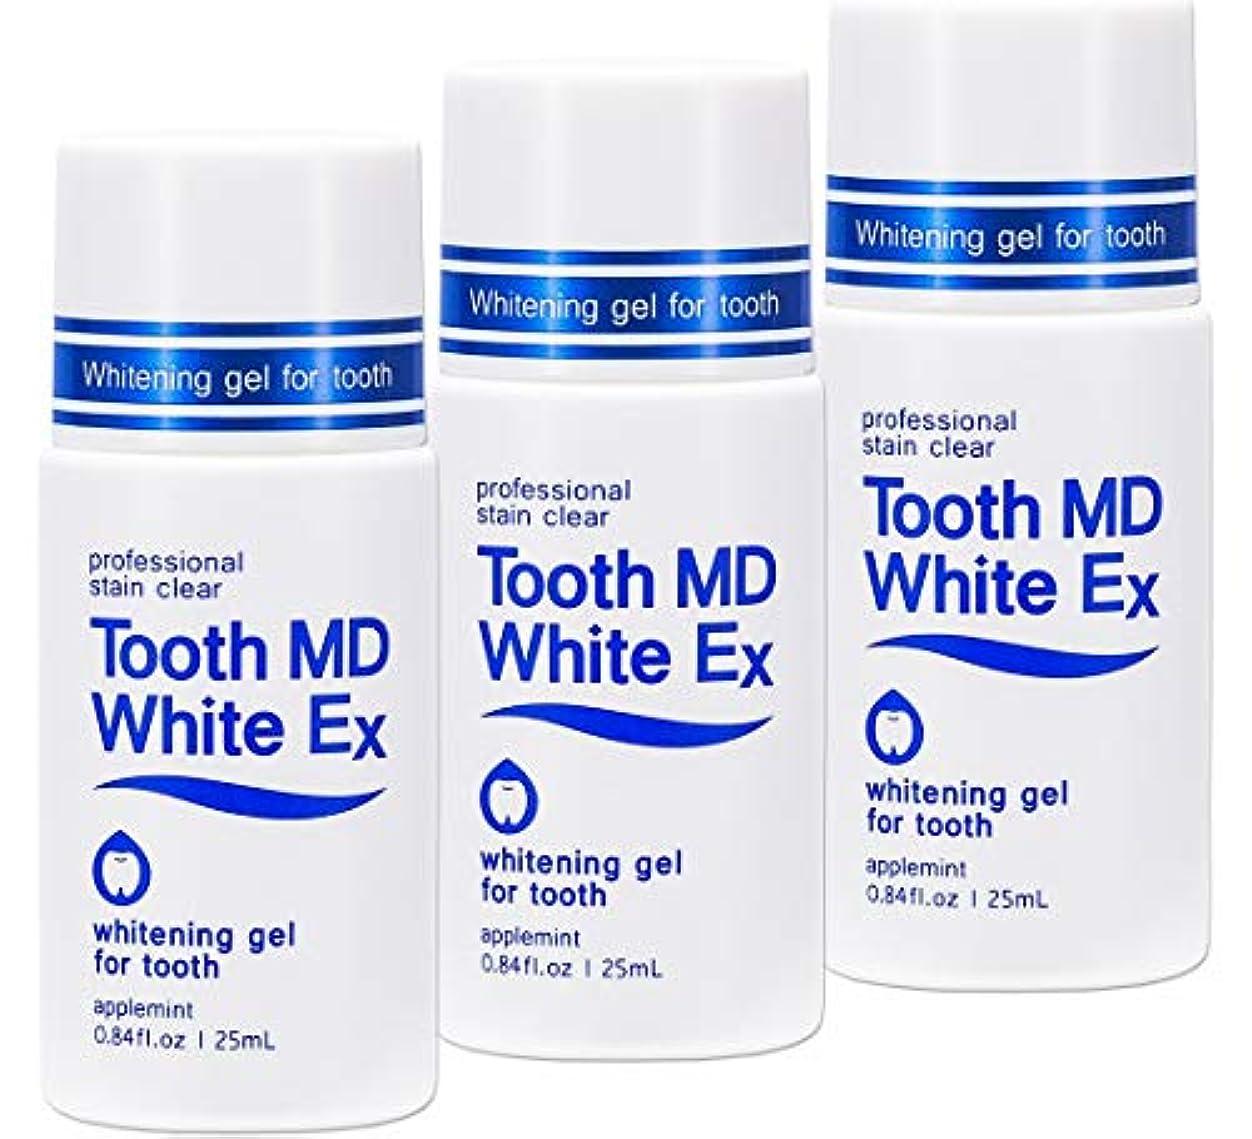 純度隠された系譜トゥースMDホワイトEX 3個セット [歯のホワイトニング] 専用歯ブラシ付き